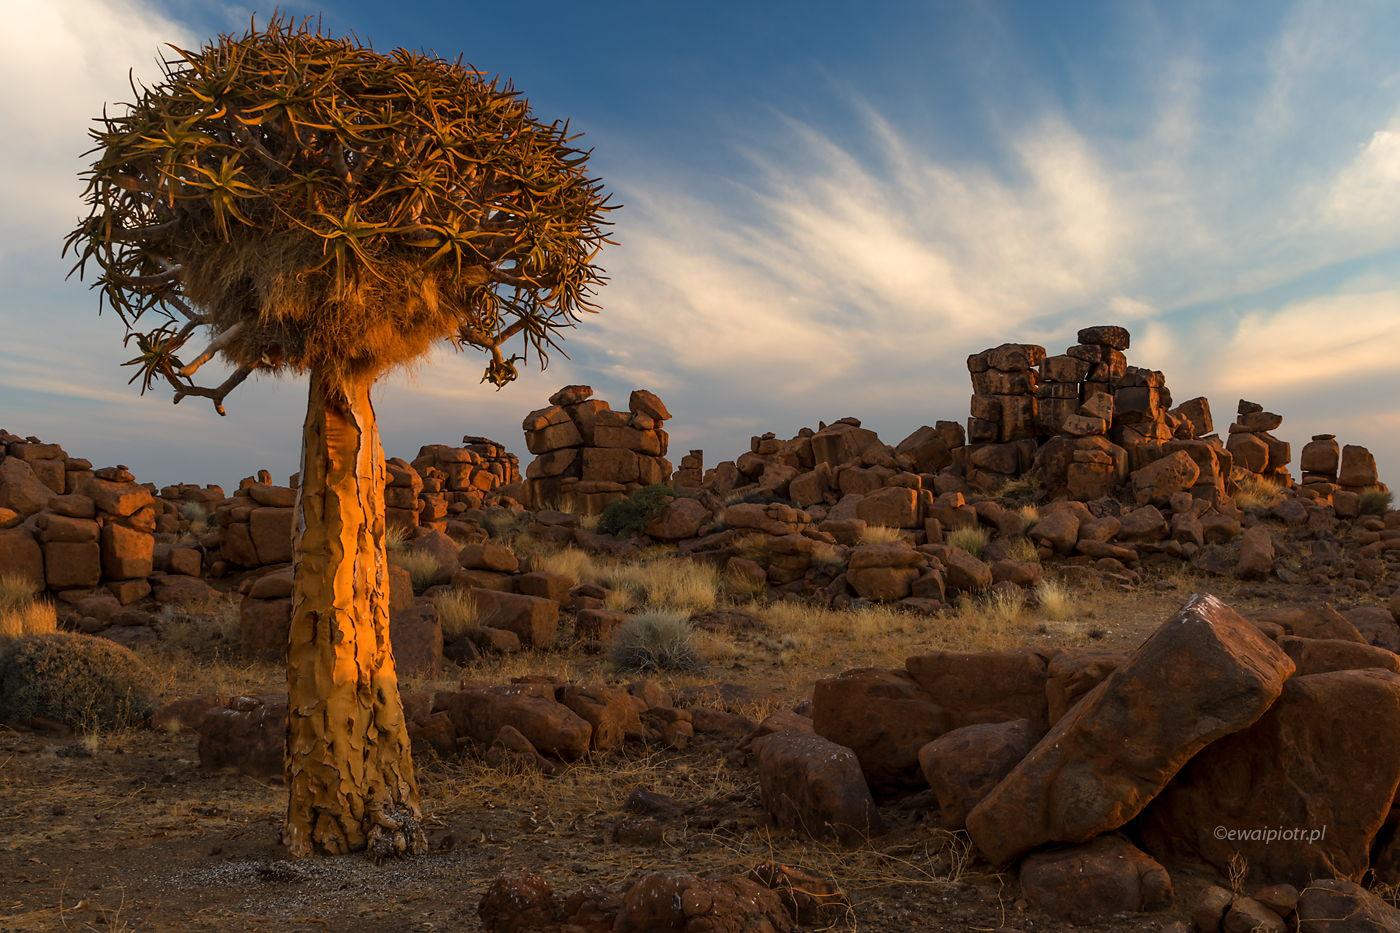 Ciepłe namibijskie popołudnie